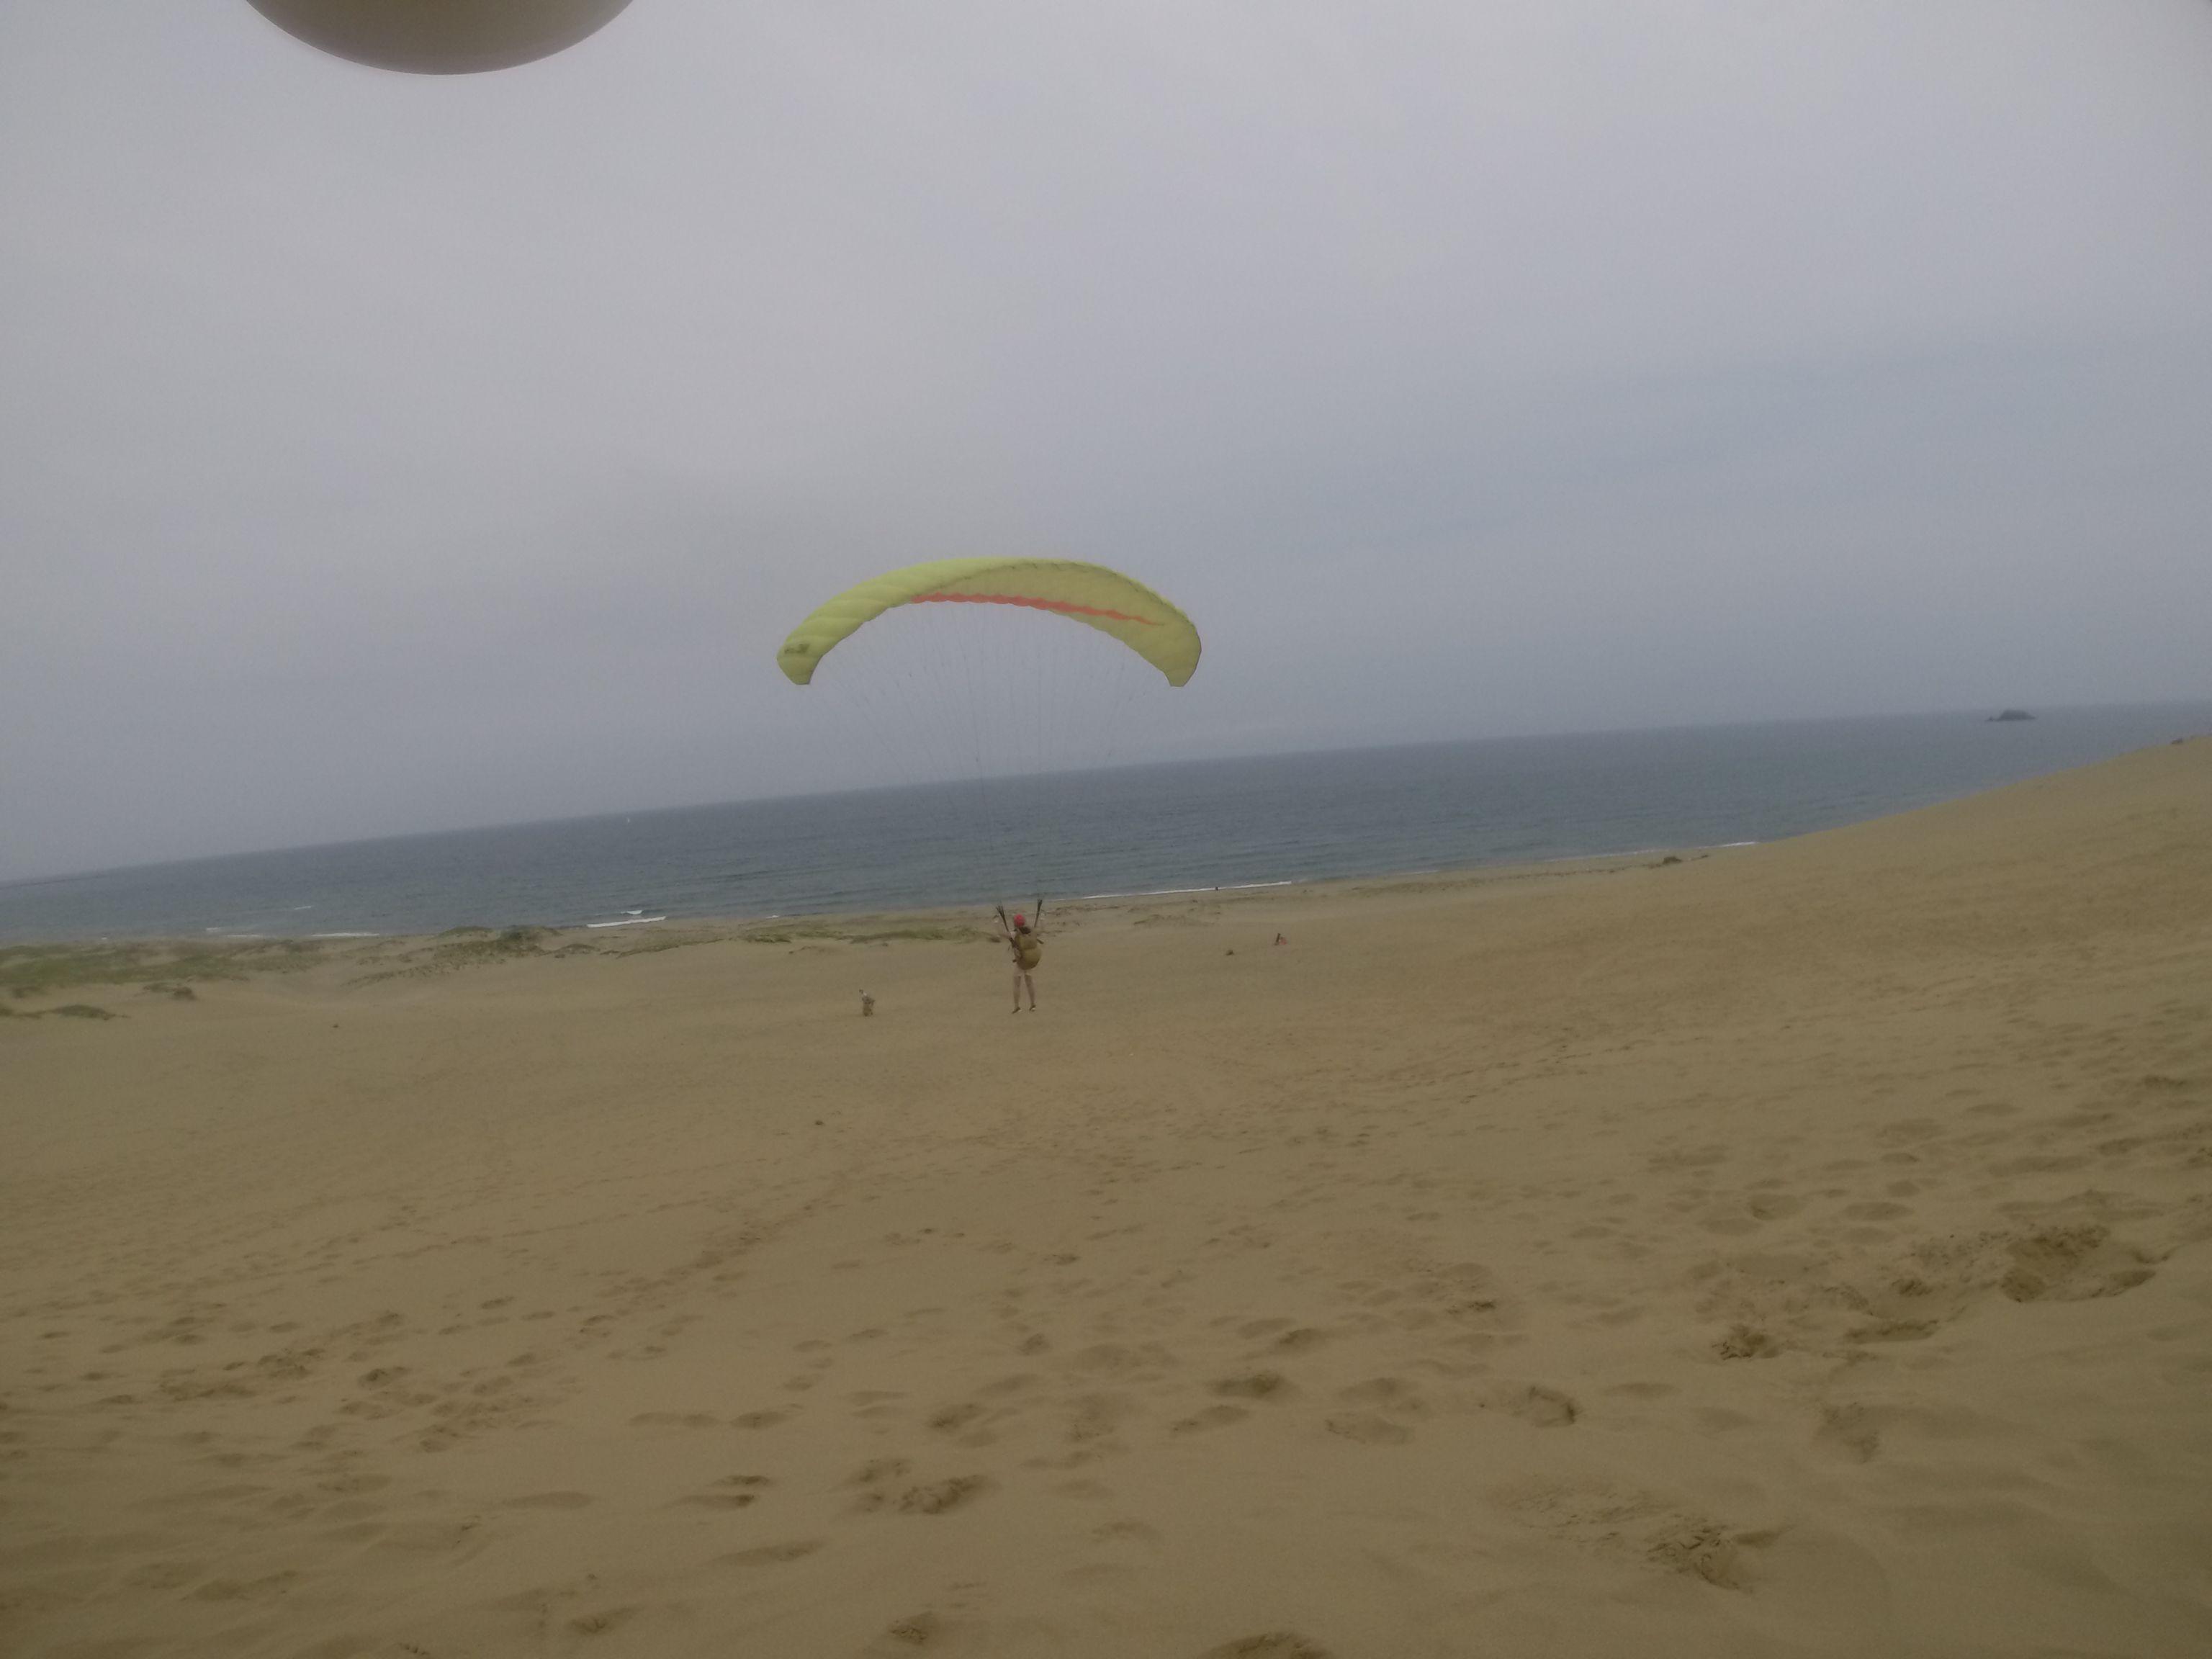 曇り空の下でパラグライダー